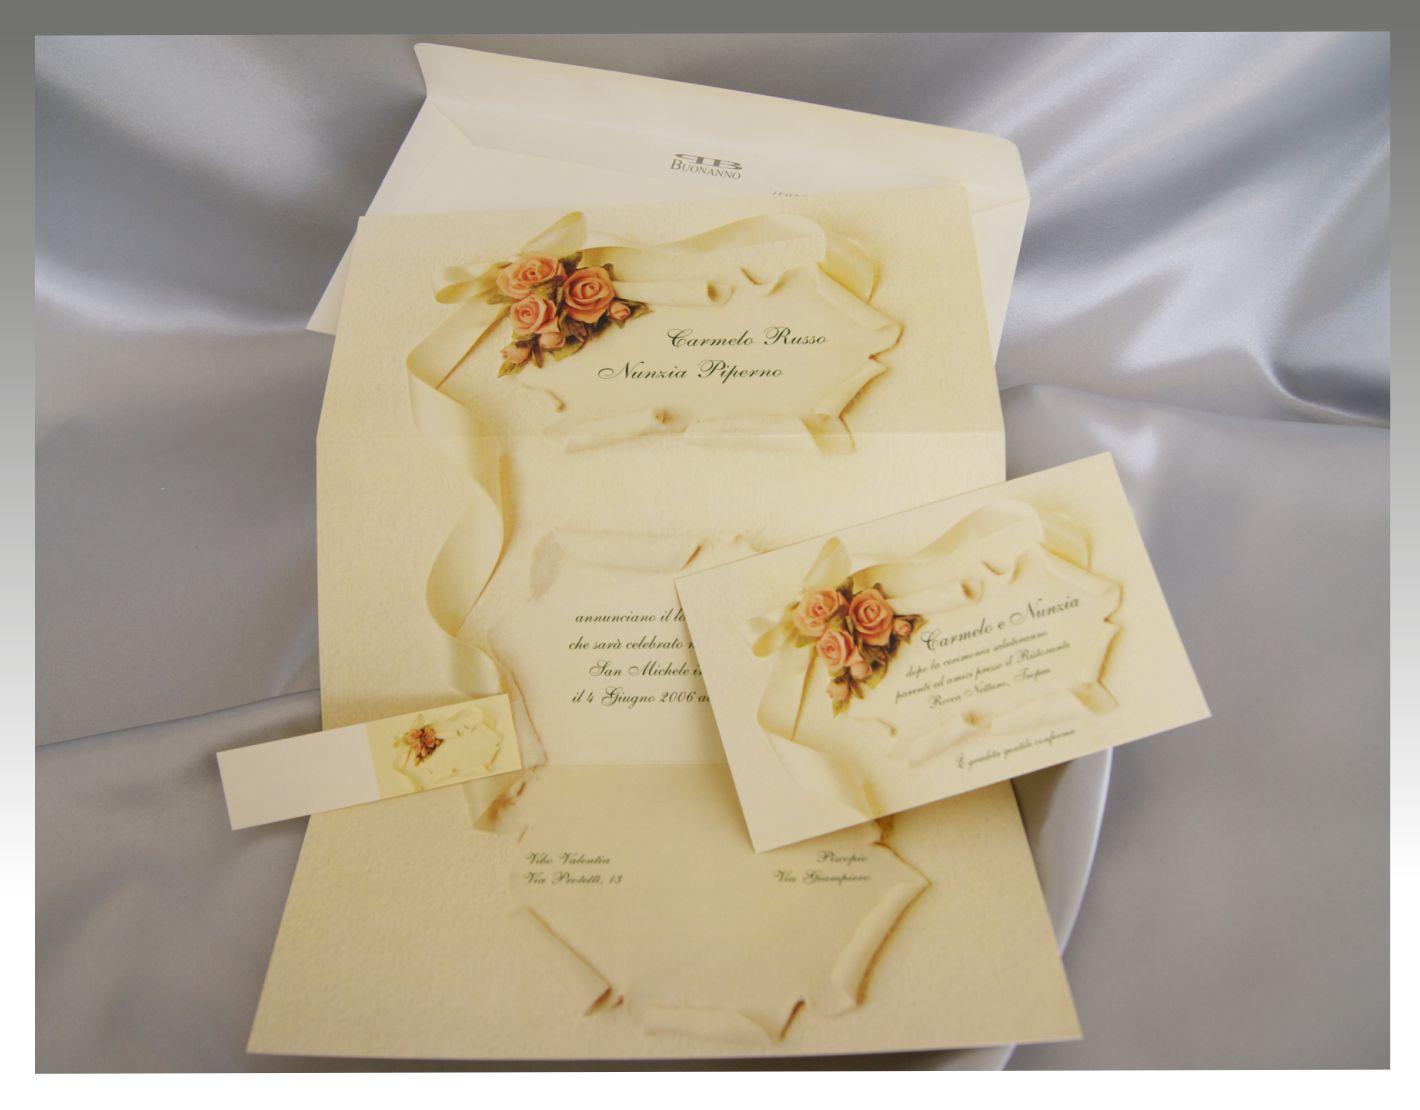 Pergamena Matrimonio Simbolico : Inviti nozze pergamena